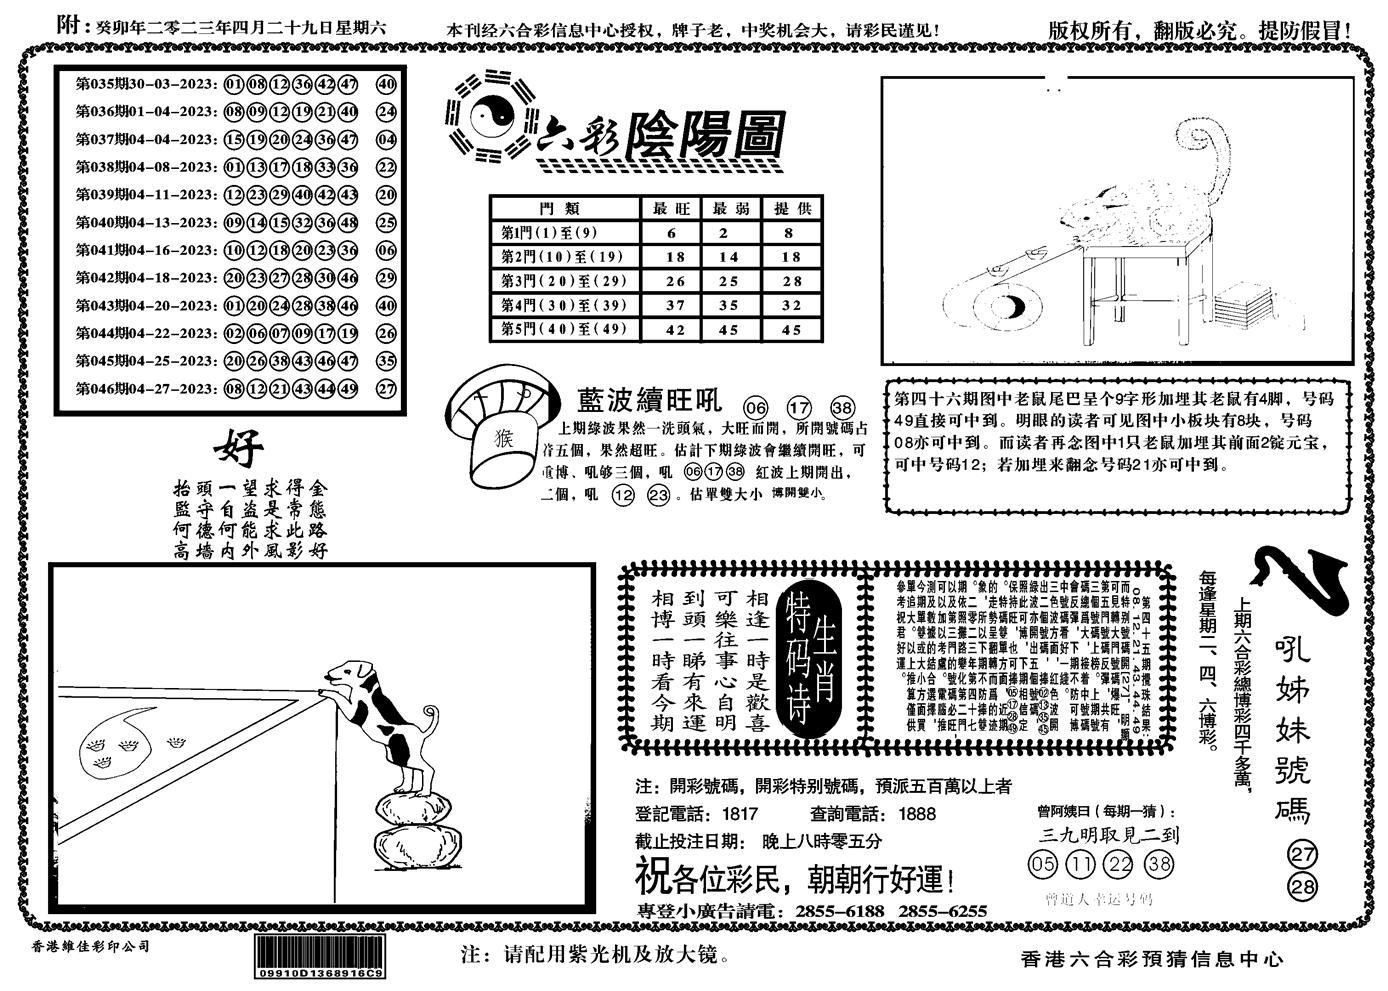 047期六彩阴阳(正版)(黑白)